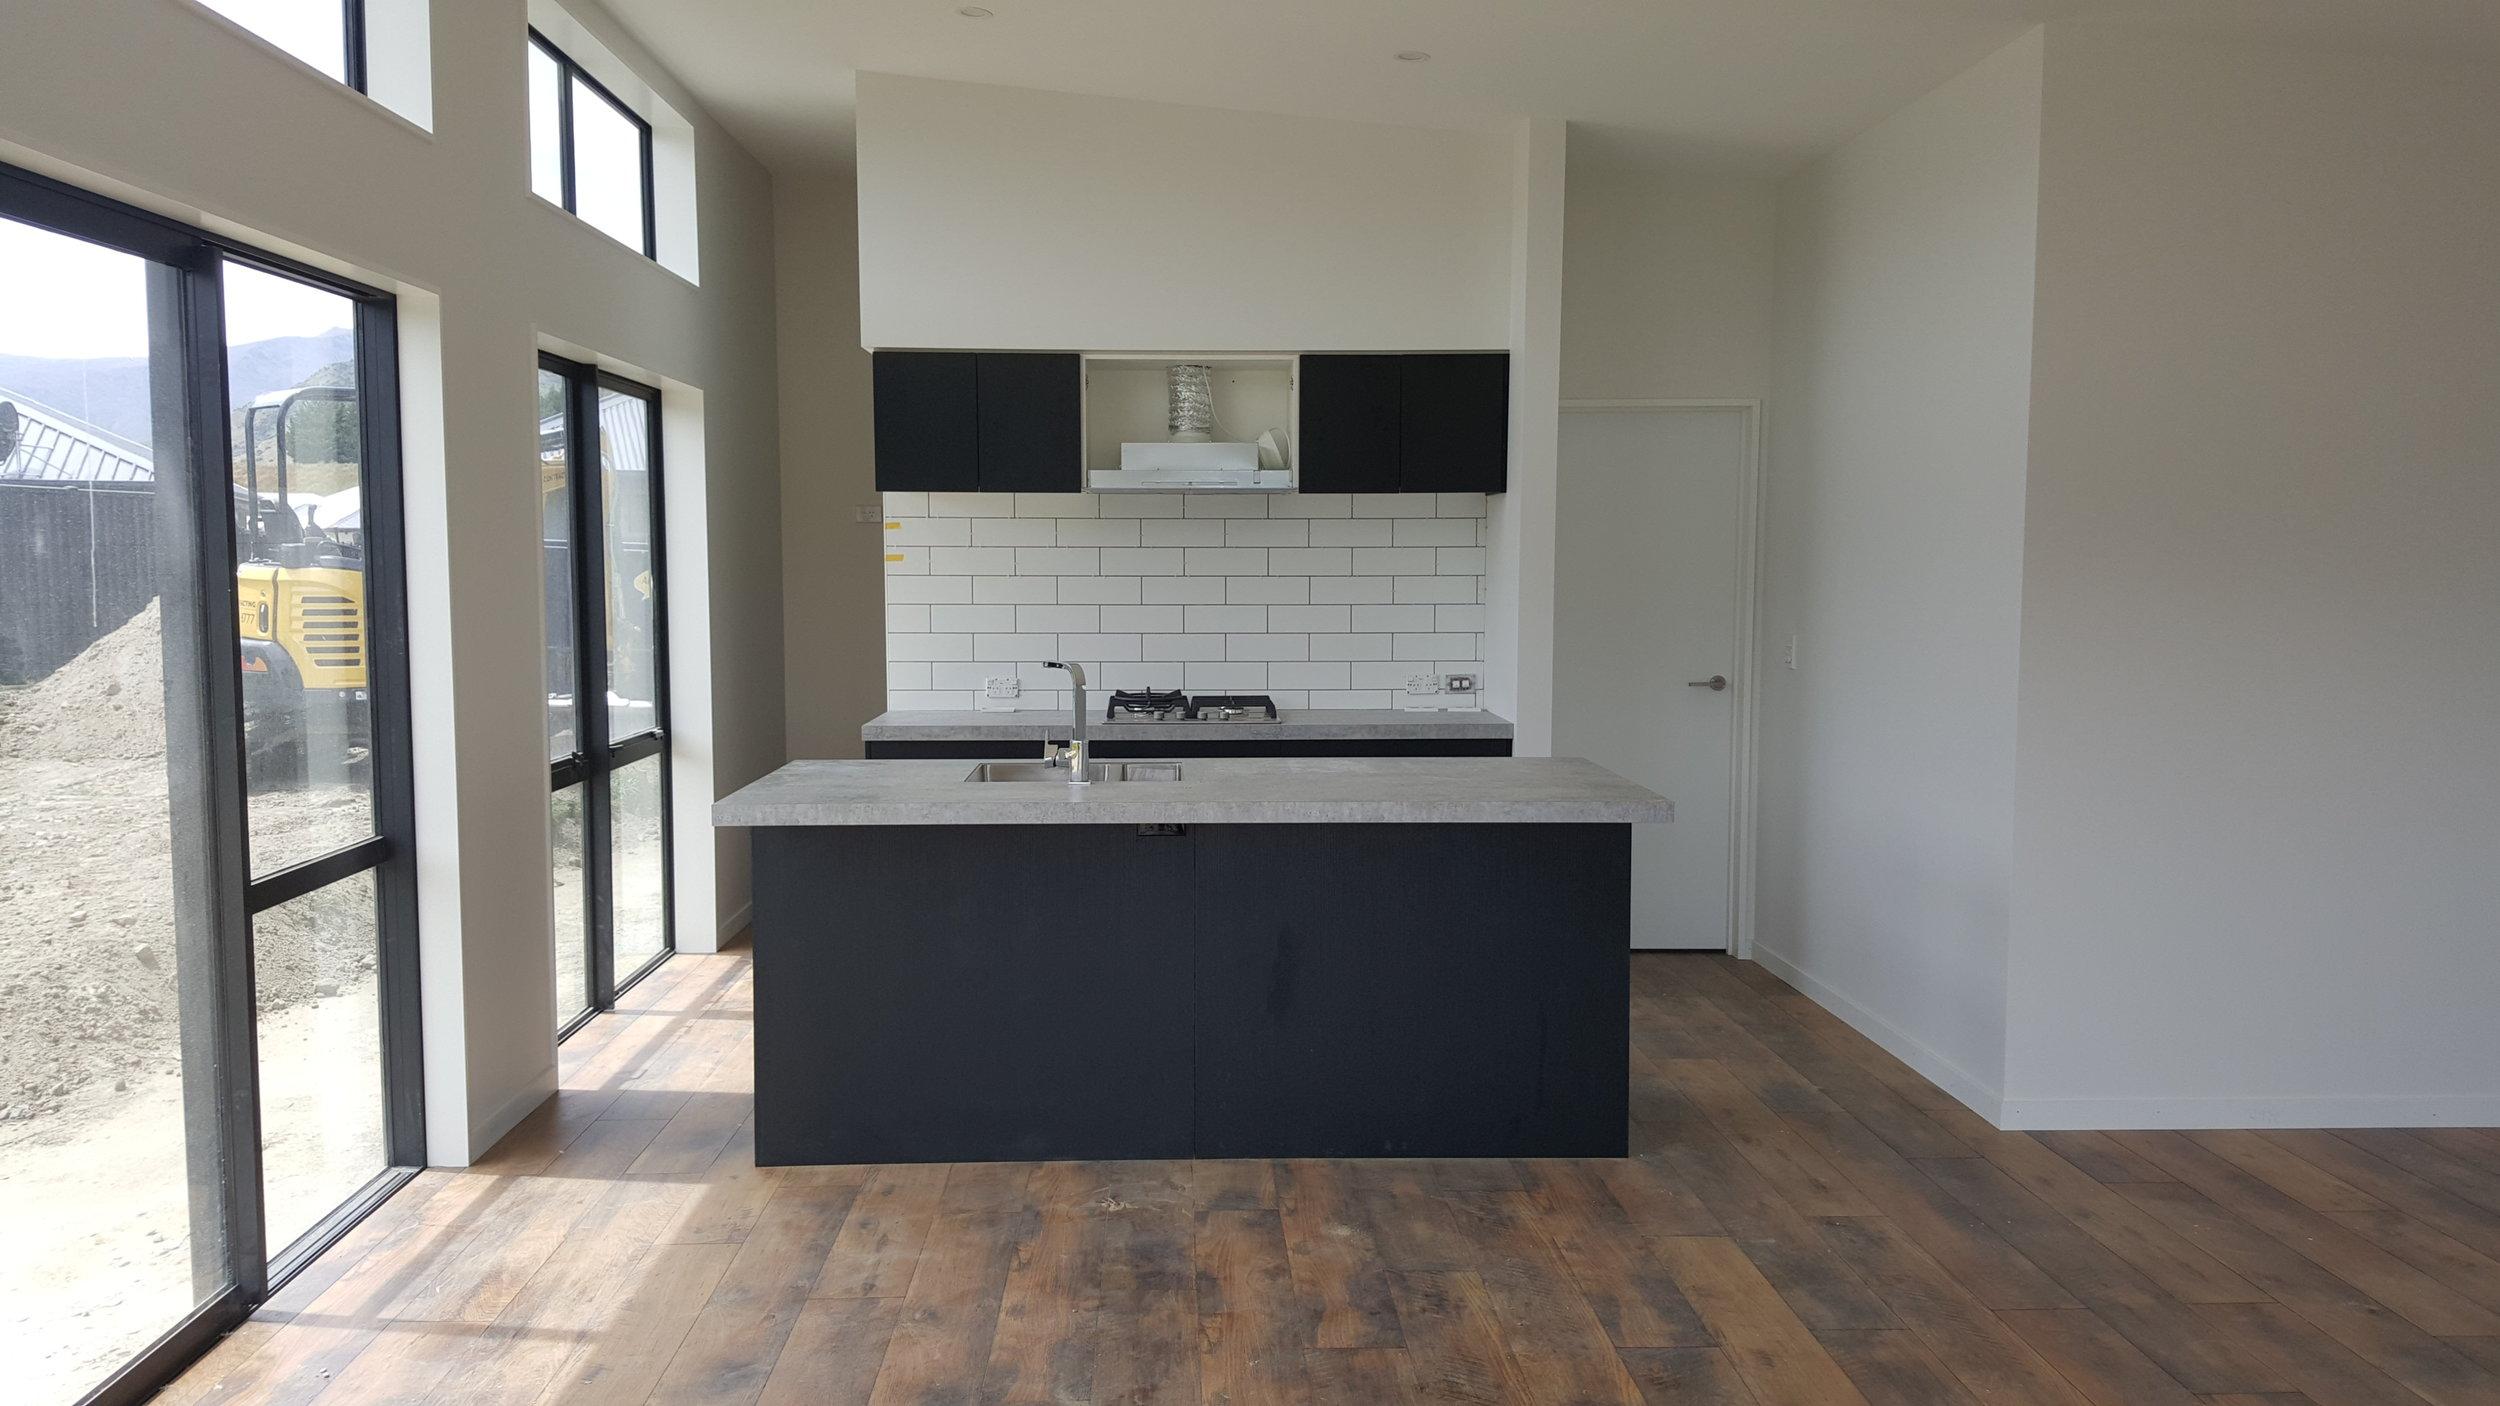 Queenstown+kitchen+in+black+oreily+design.jpg